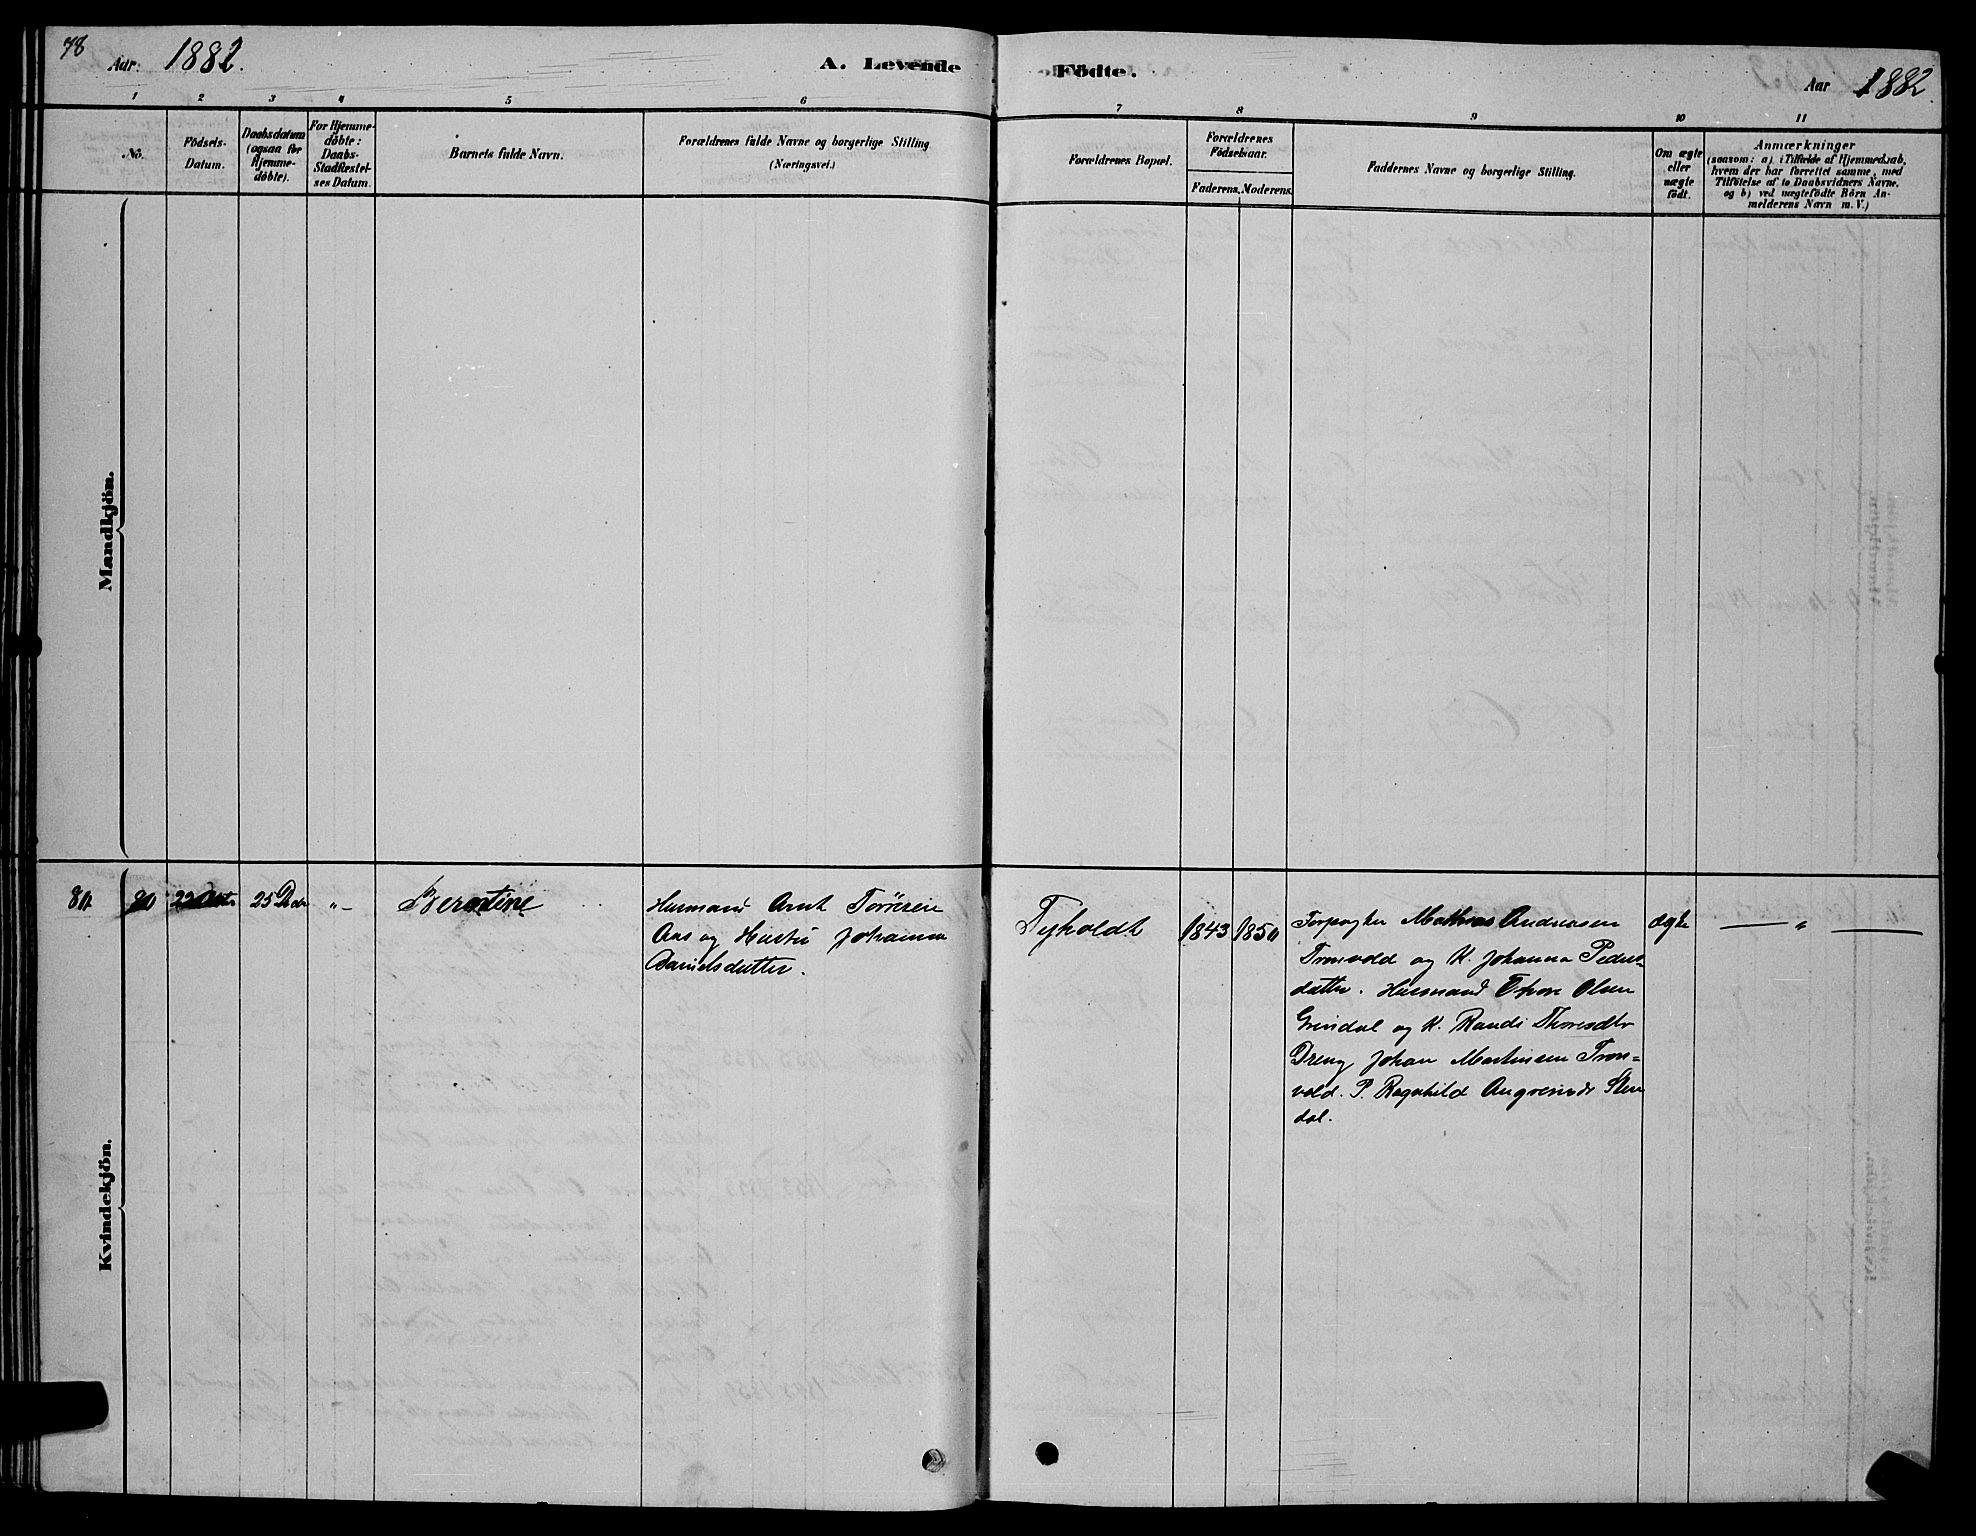 SAT, Ministerialprotokoller, klokkerbøker og fødselsregistre - Sør-Trøndelag, 606/L0312: Klokkerbok nr. 606C08, 1878-1894, s. 78